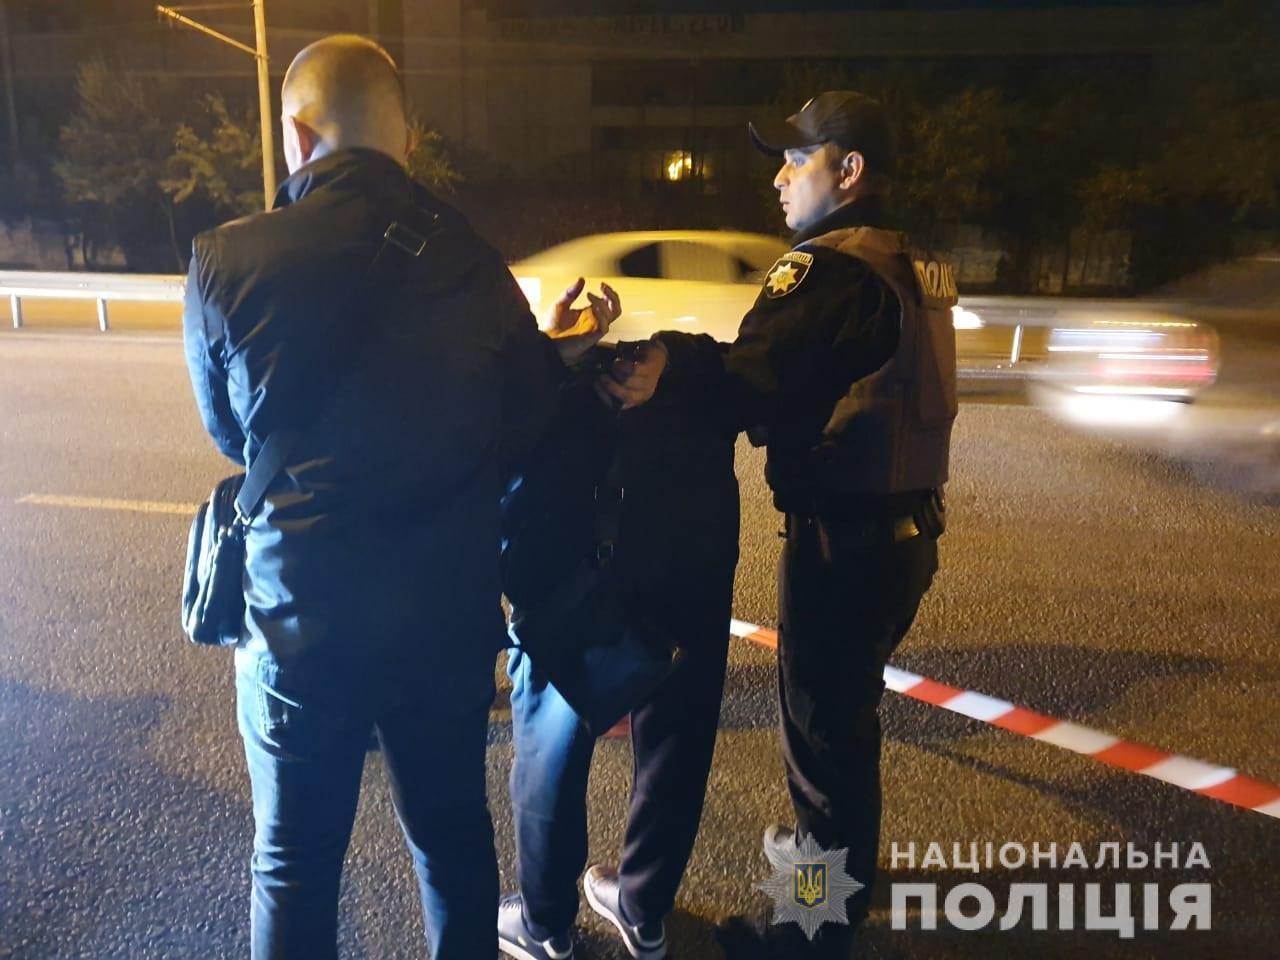 В Днепре полиция проверяет 4-х человек на причастность к совершению умышленного убийства